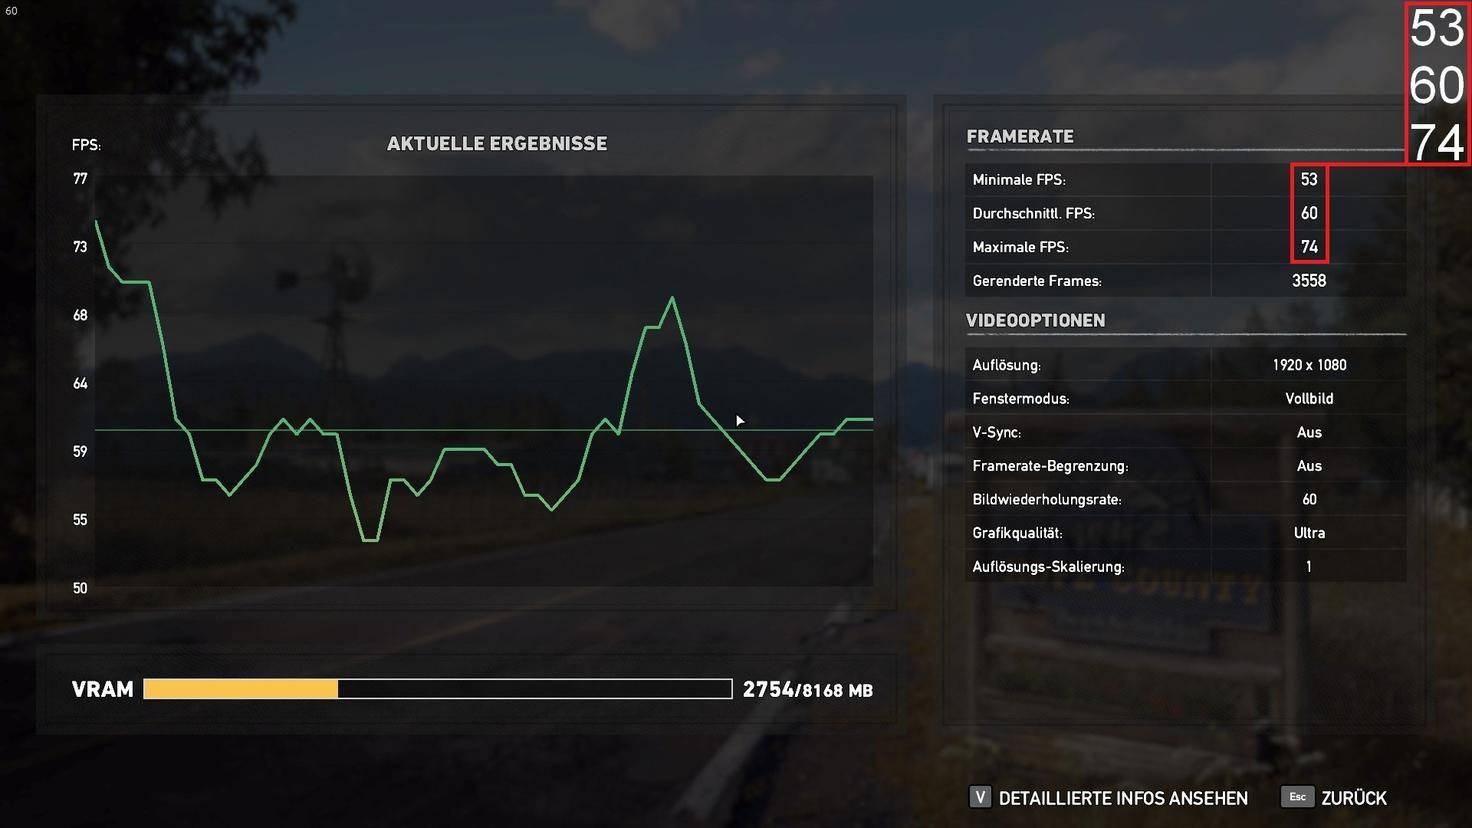 Im Vergleich dazu schneidet so mancher Desktop-Gaming-Rechner deutlich schlechter ab.